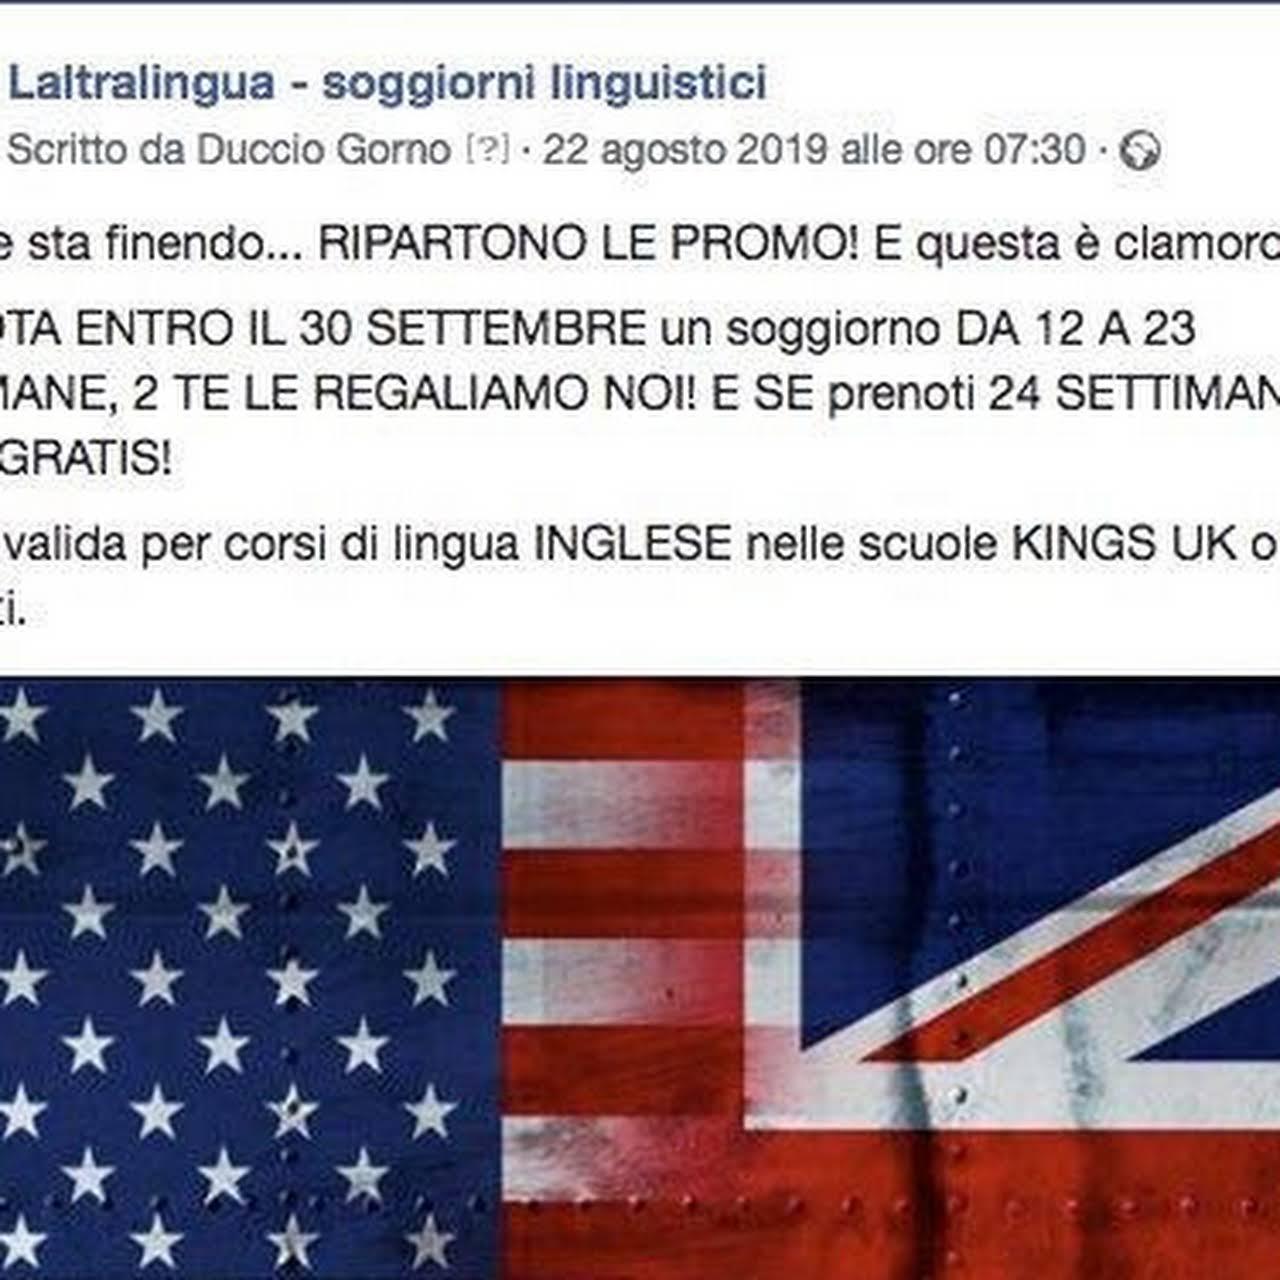 laltralingua - soggiorni linguistici - Scuola Di Lingue a Lugano